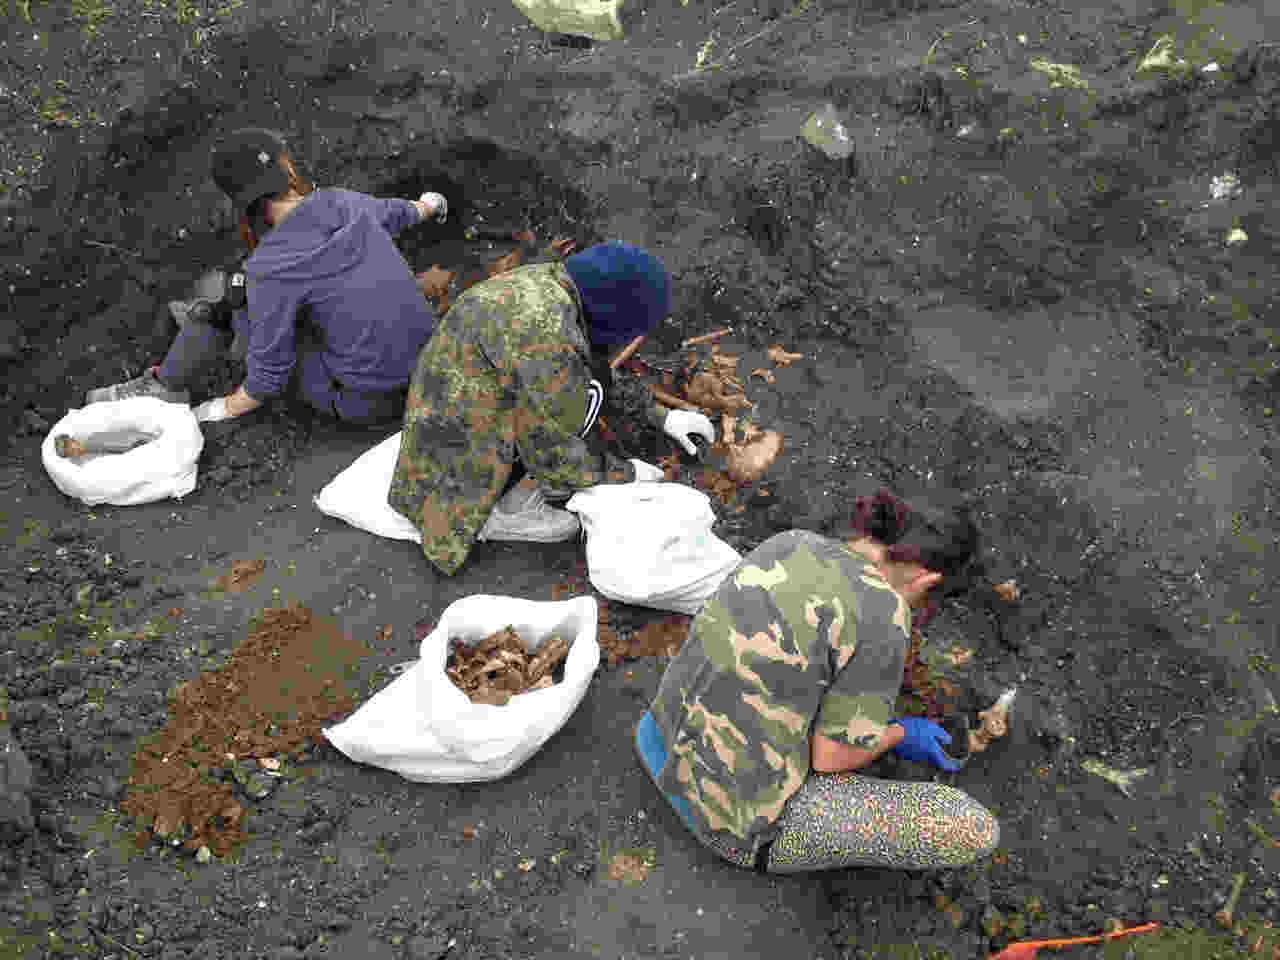 Экспедиционный лагерь находился в районе станции Владиславовка, там же планировалось проводить поиски